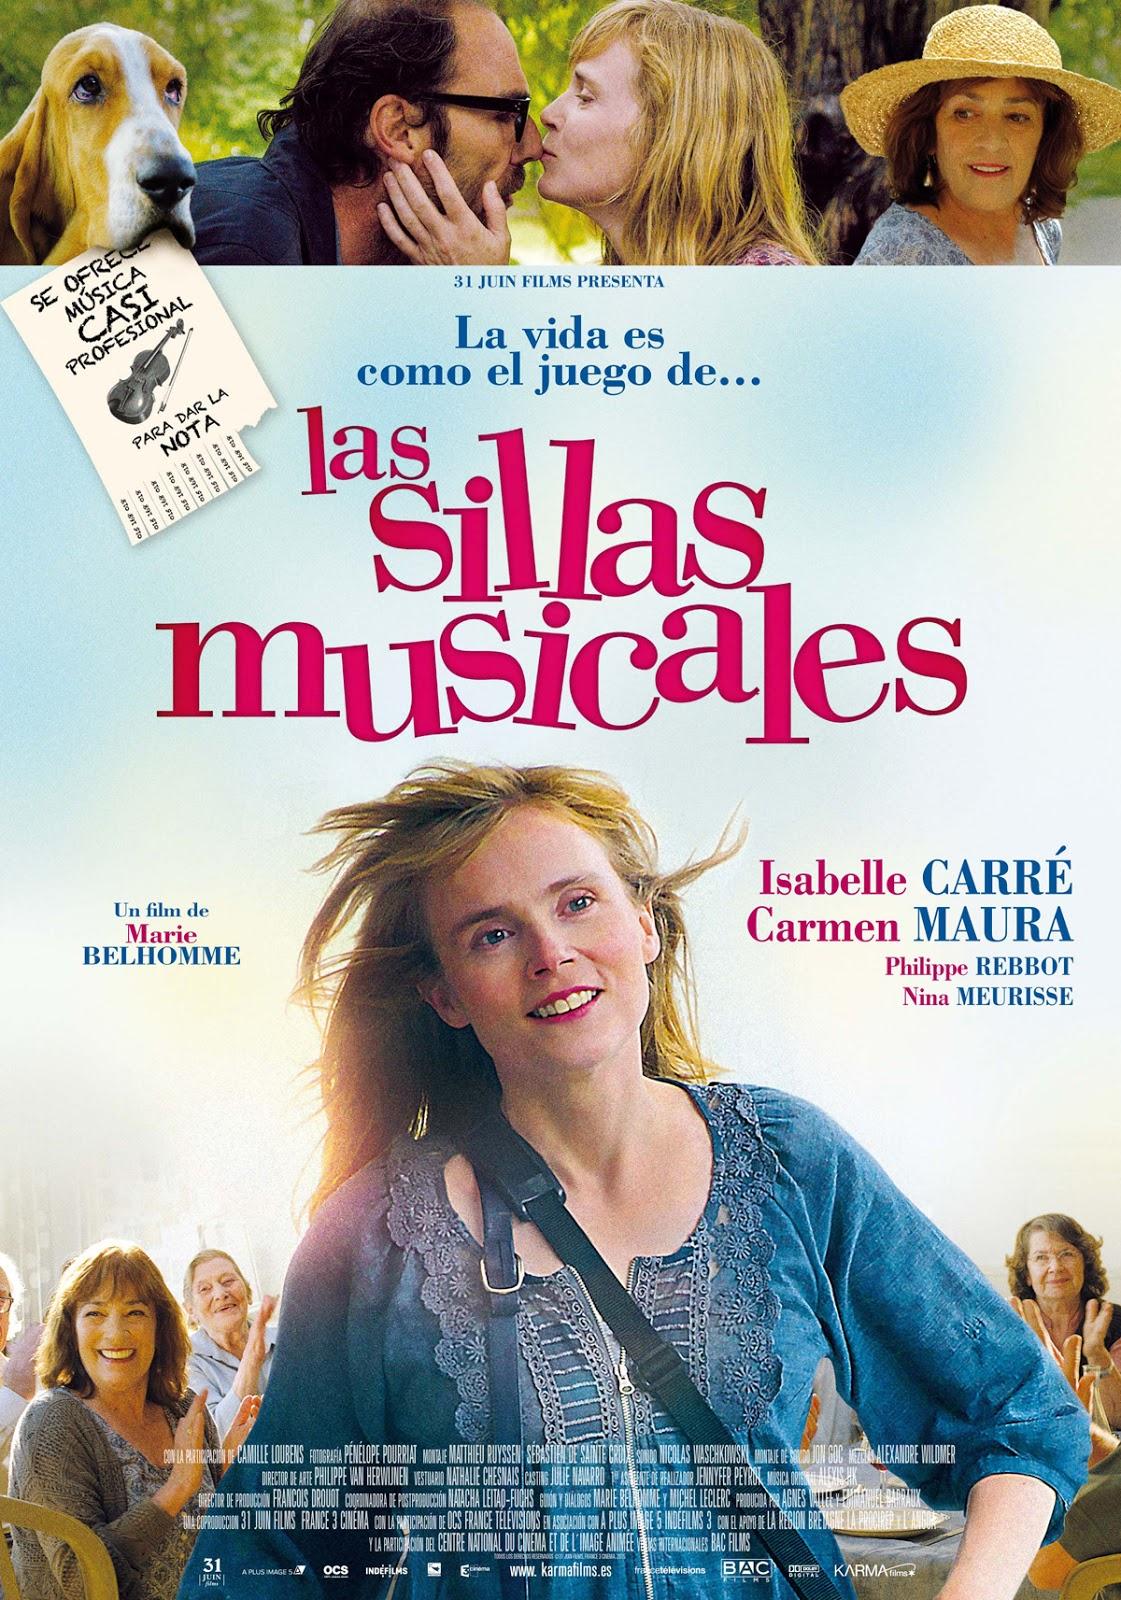 Las sillas musicales (2015)